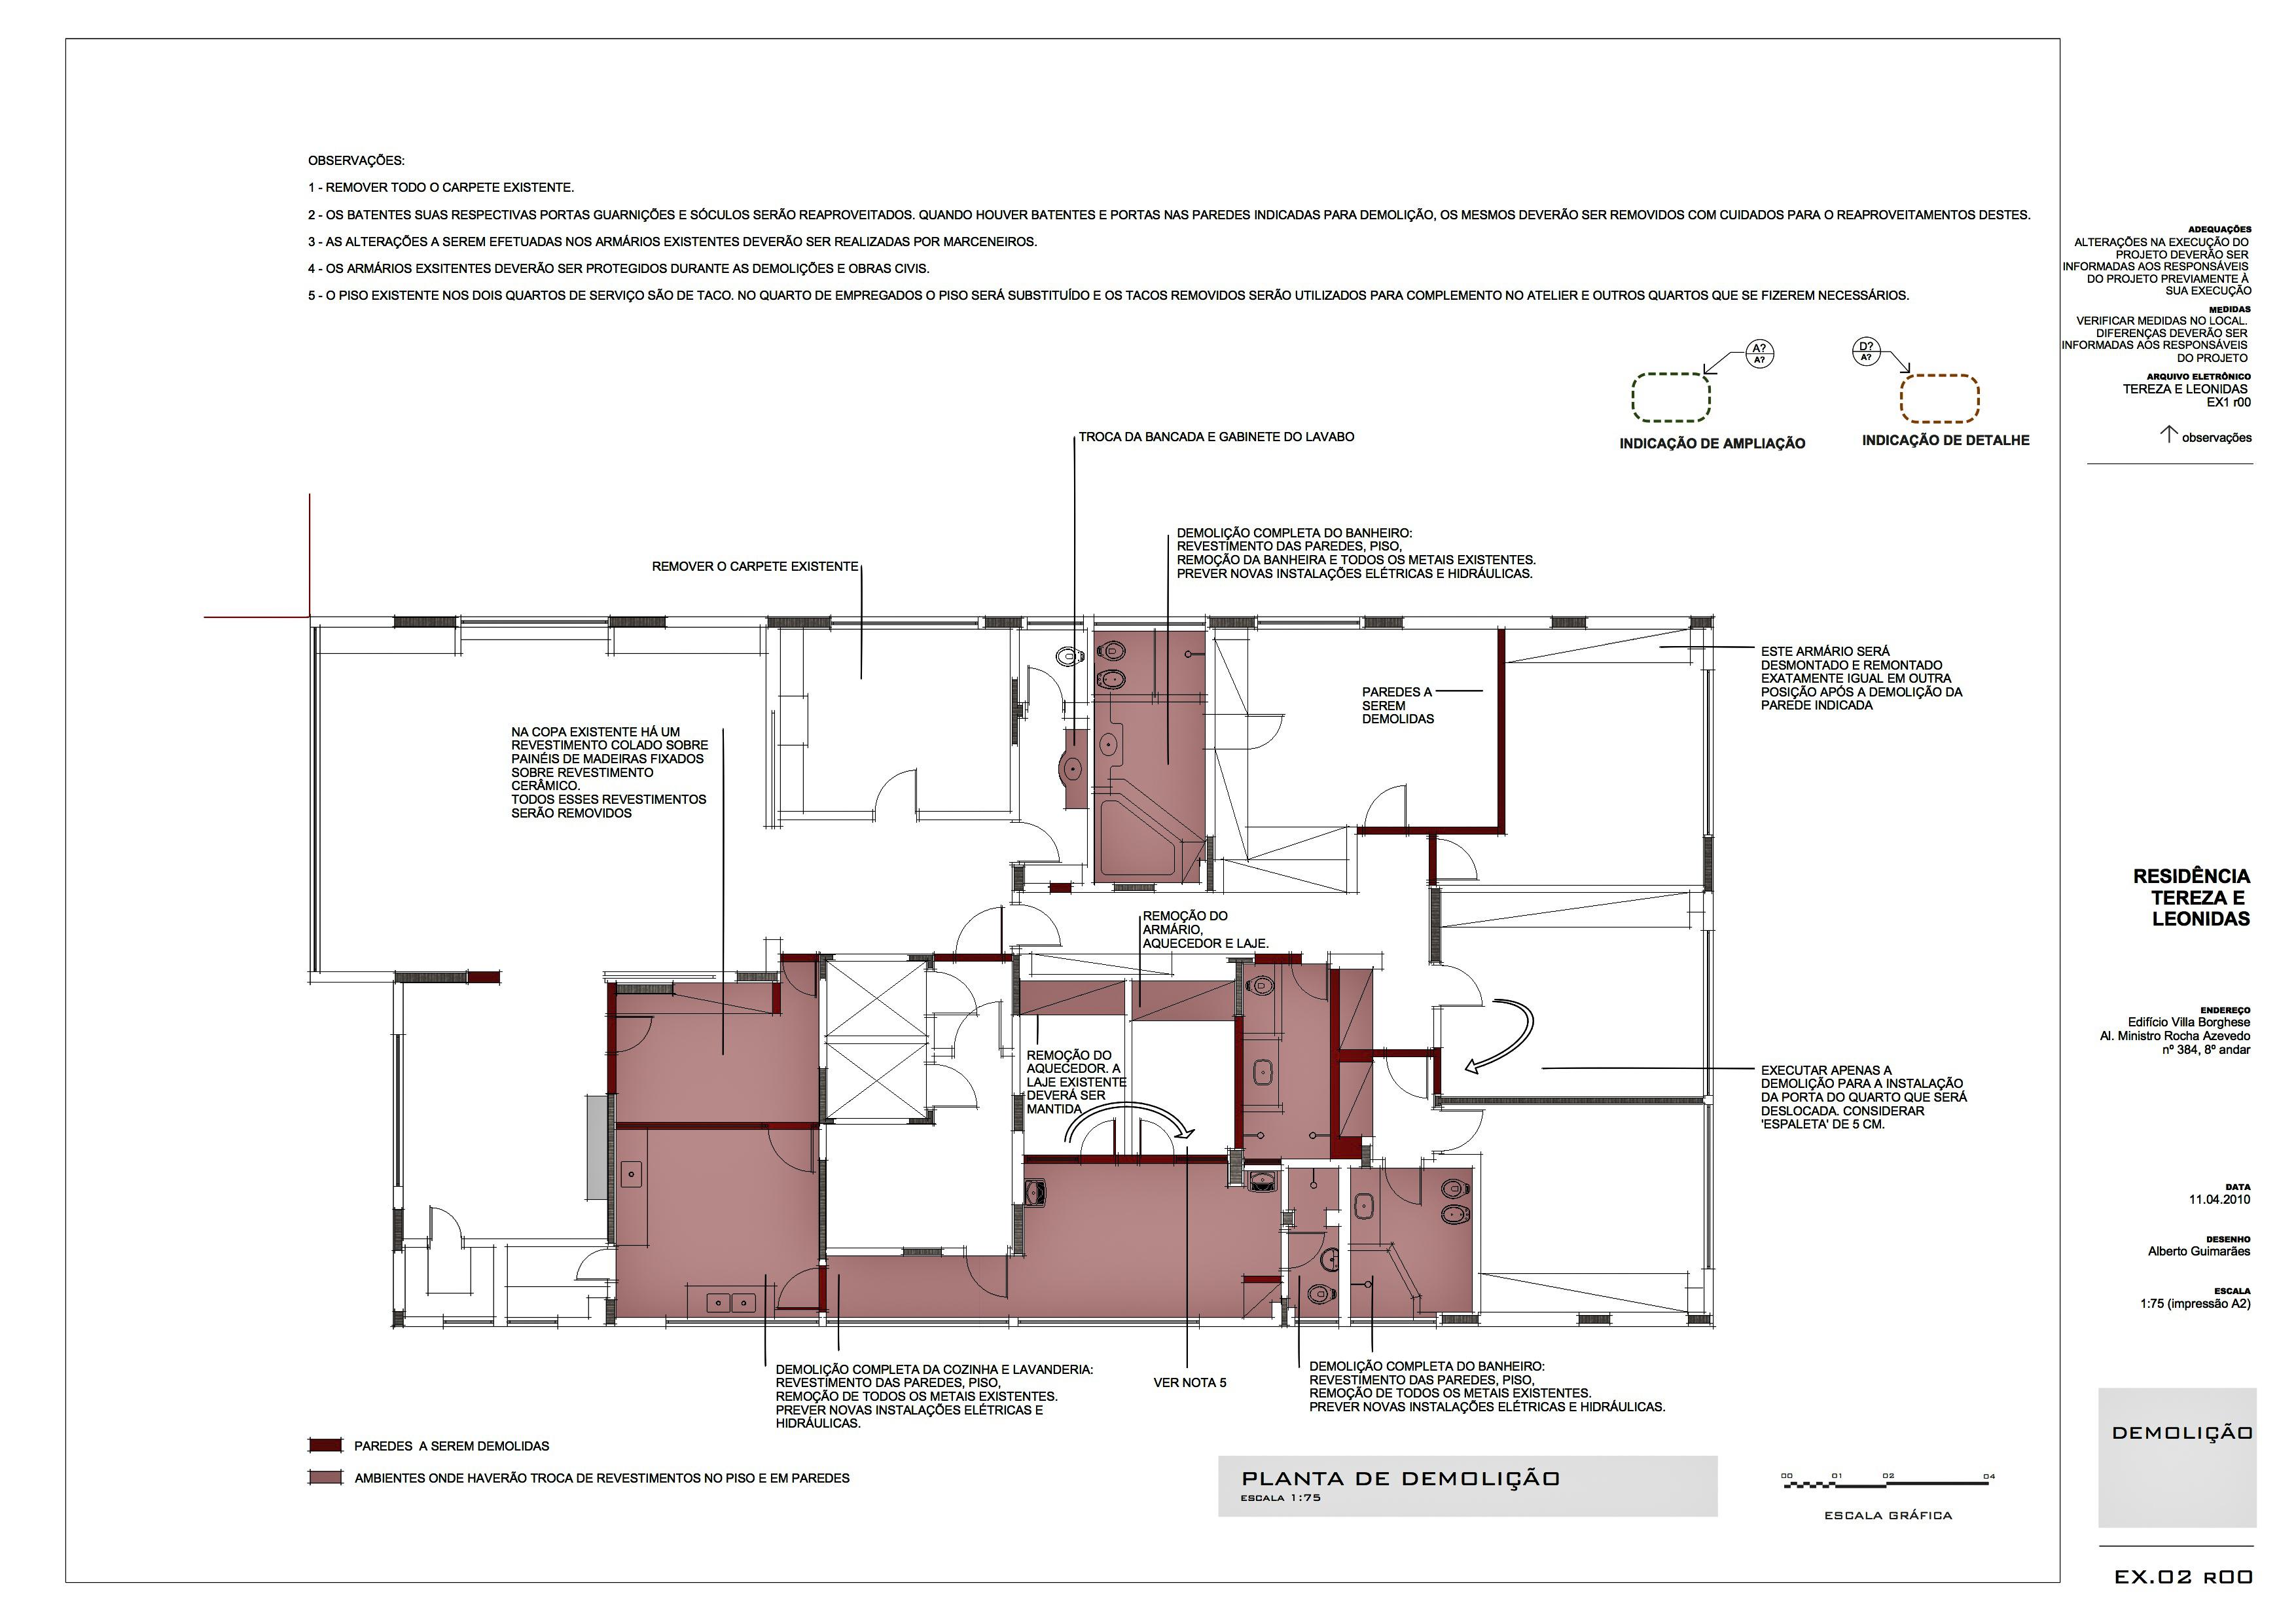 apartamento tereza. demolição